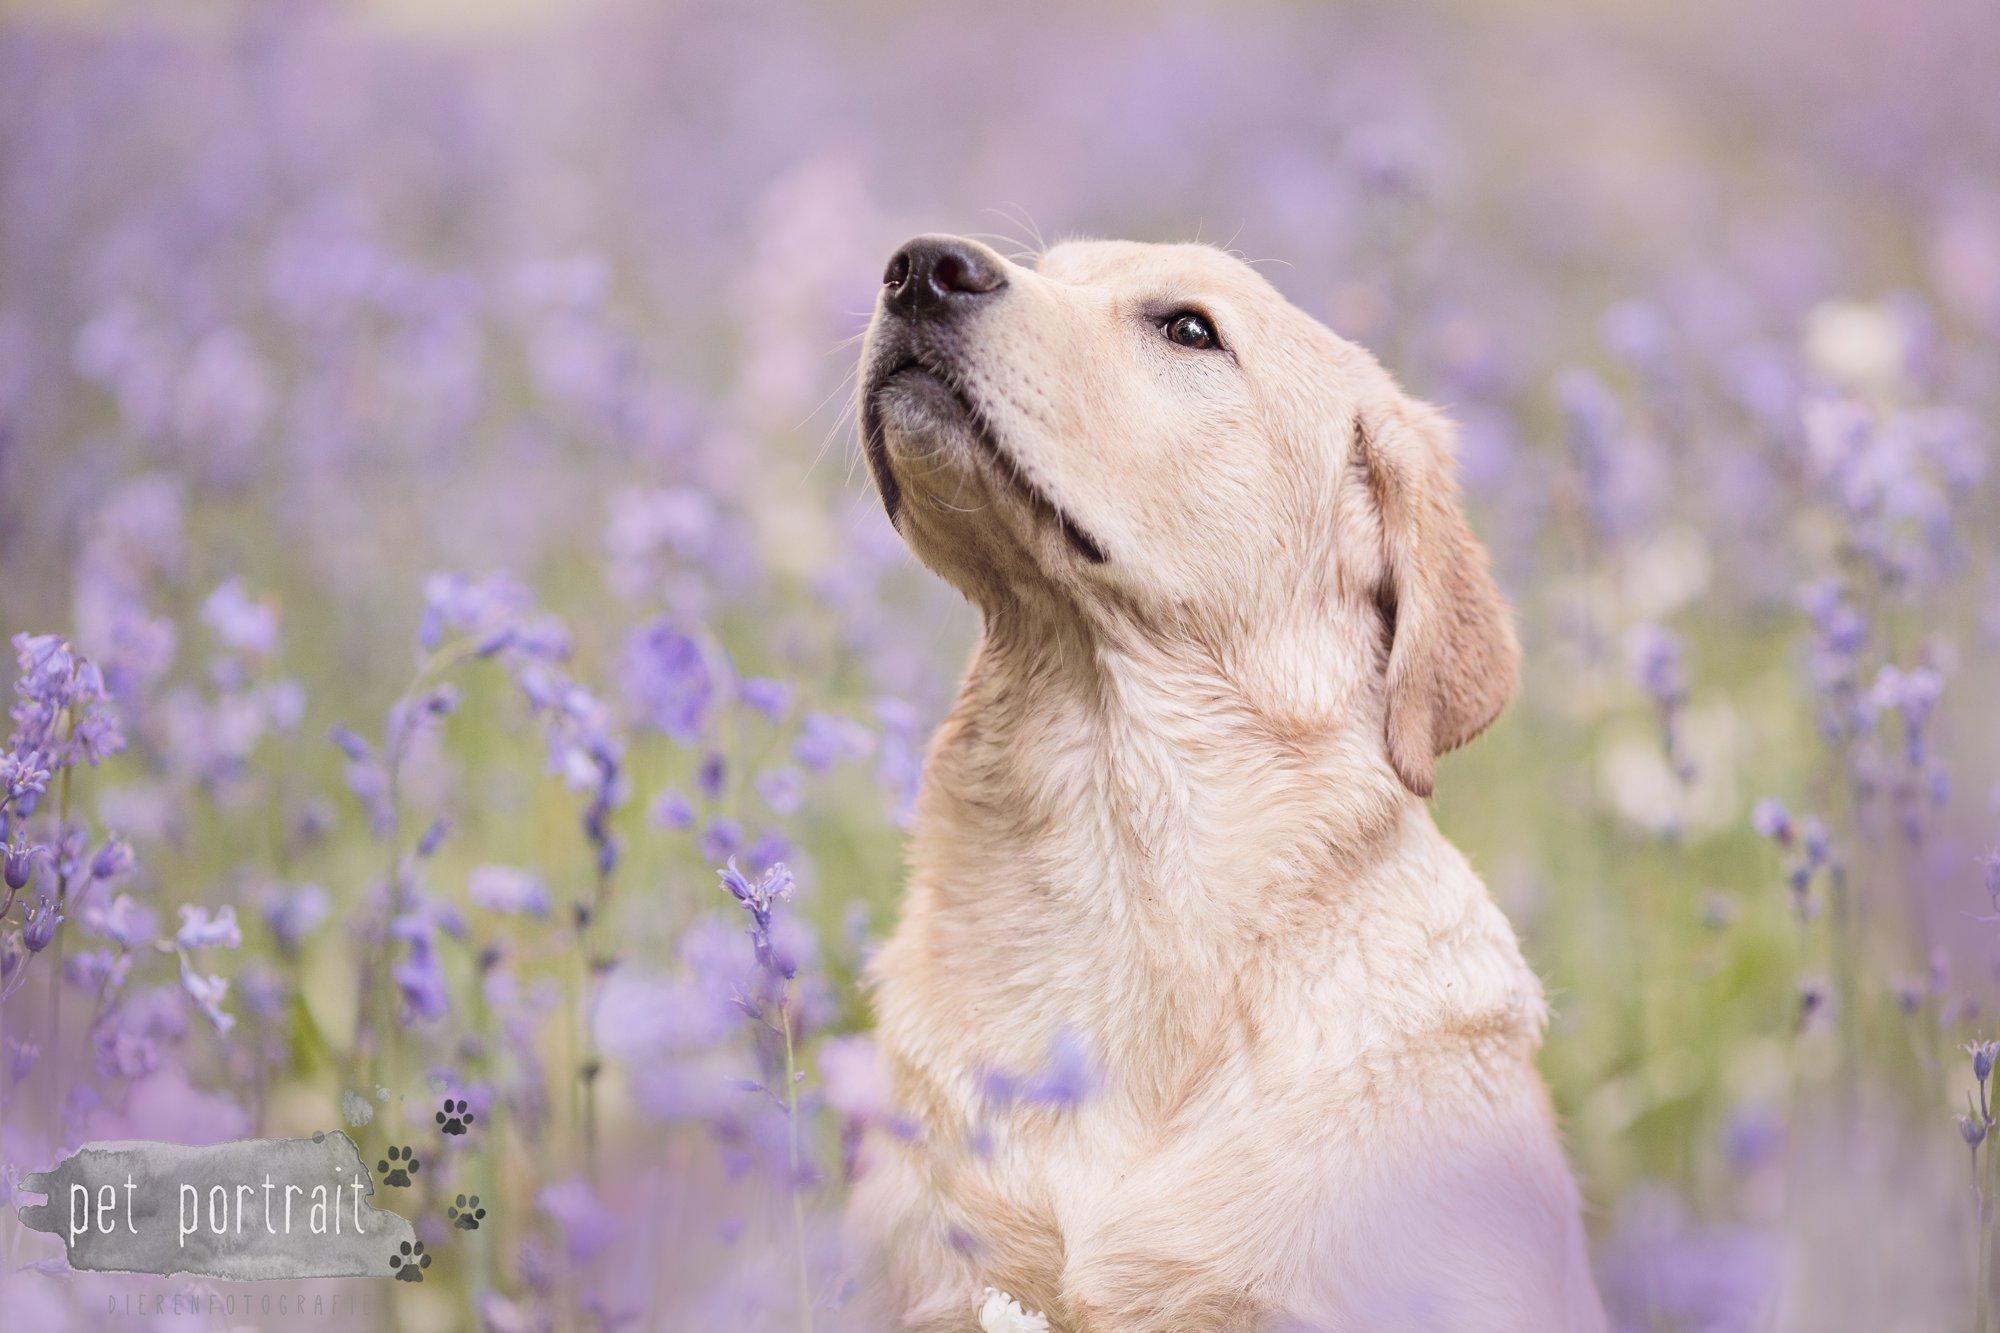 Hondenfotograaf Leiden - Labradors Juno en Freyja - Maand mei